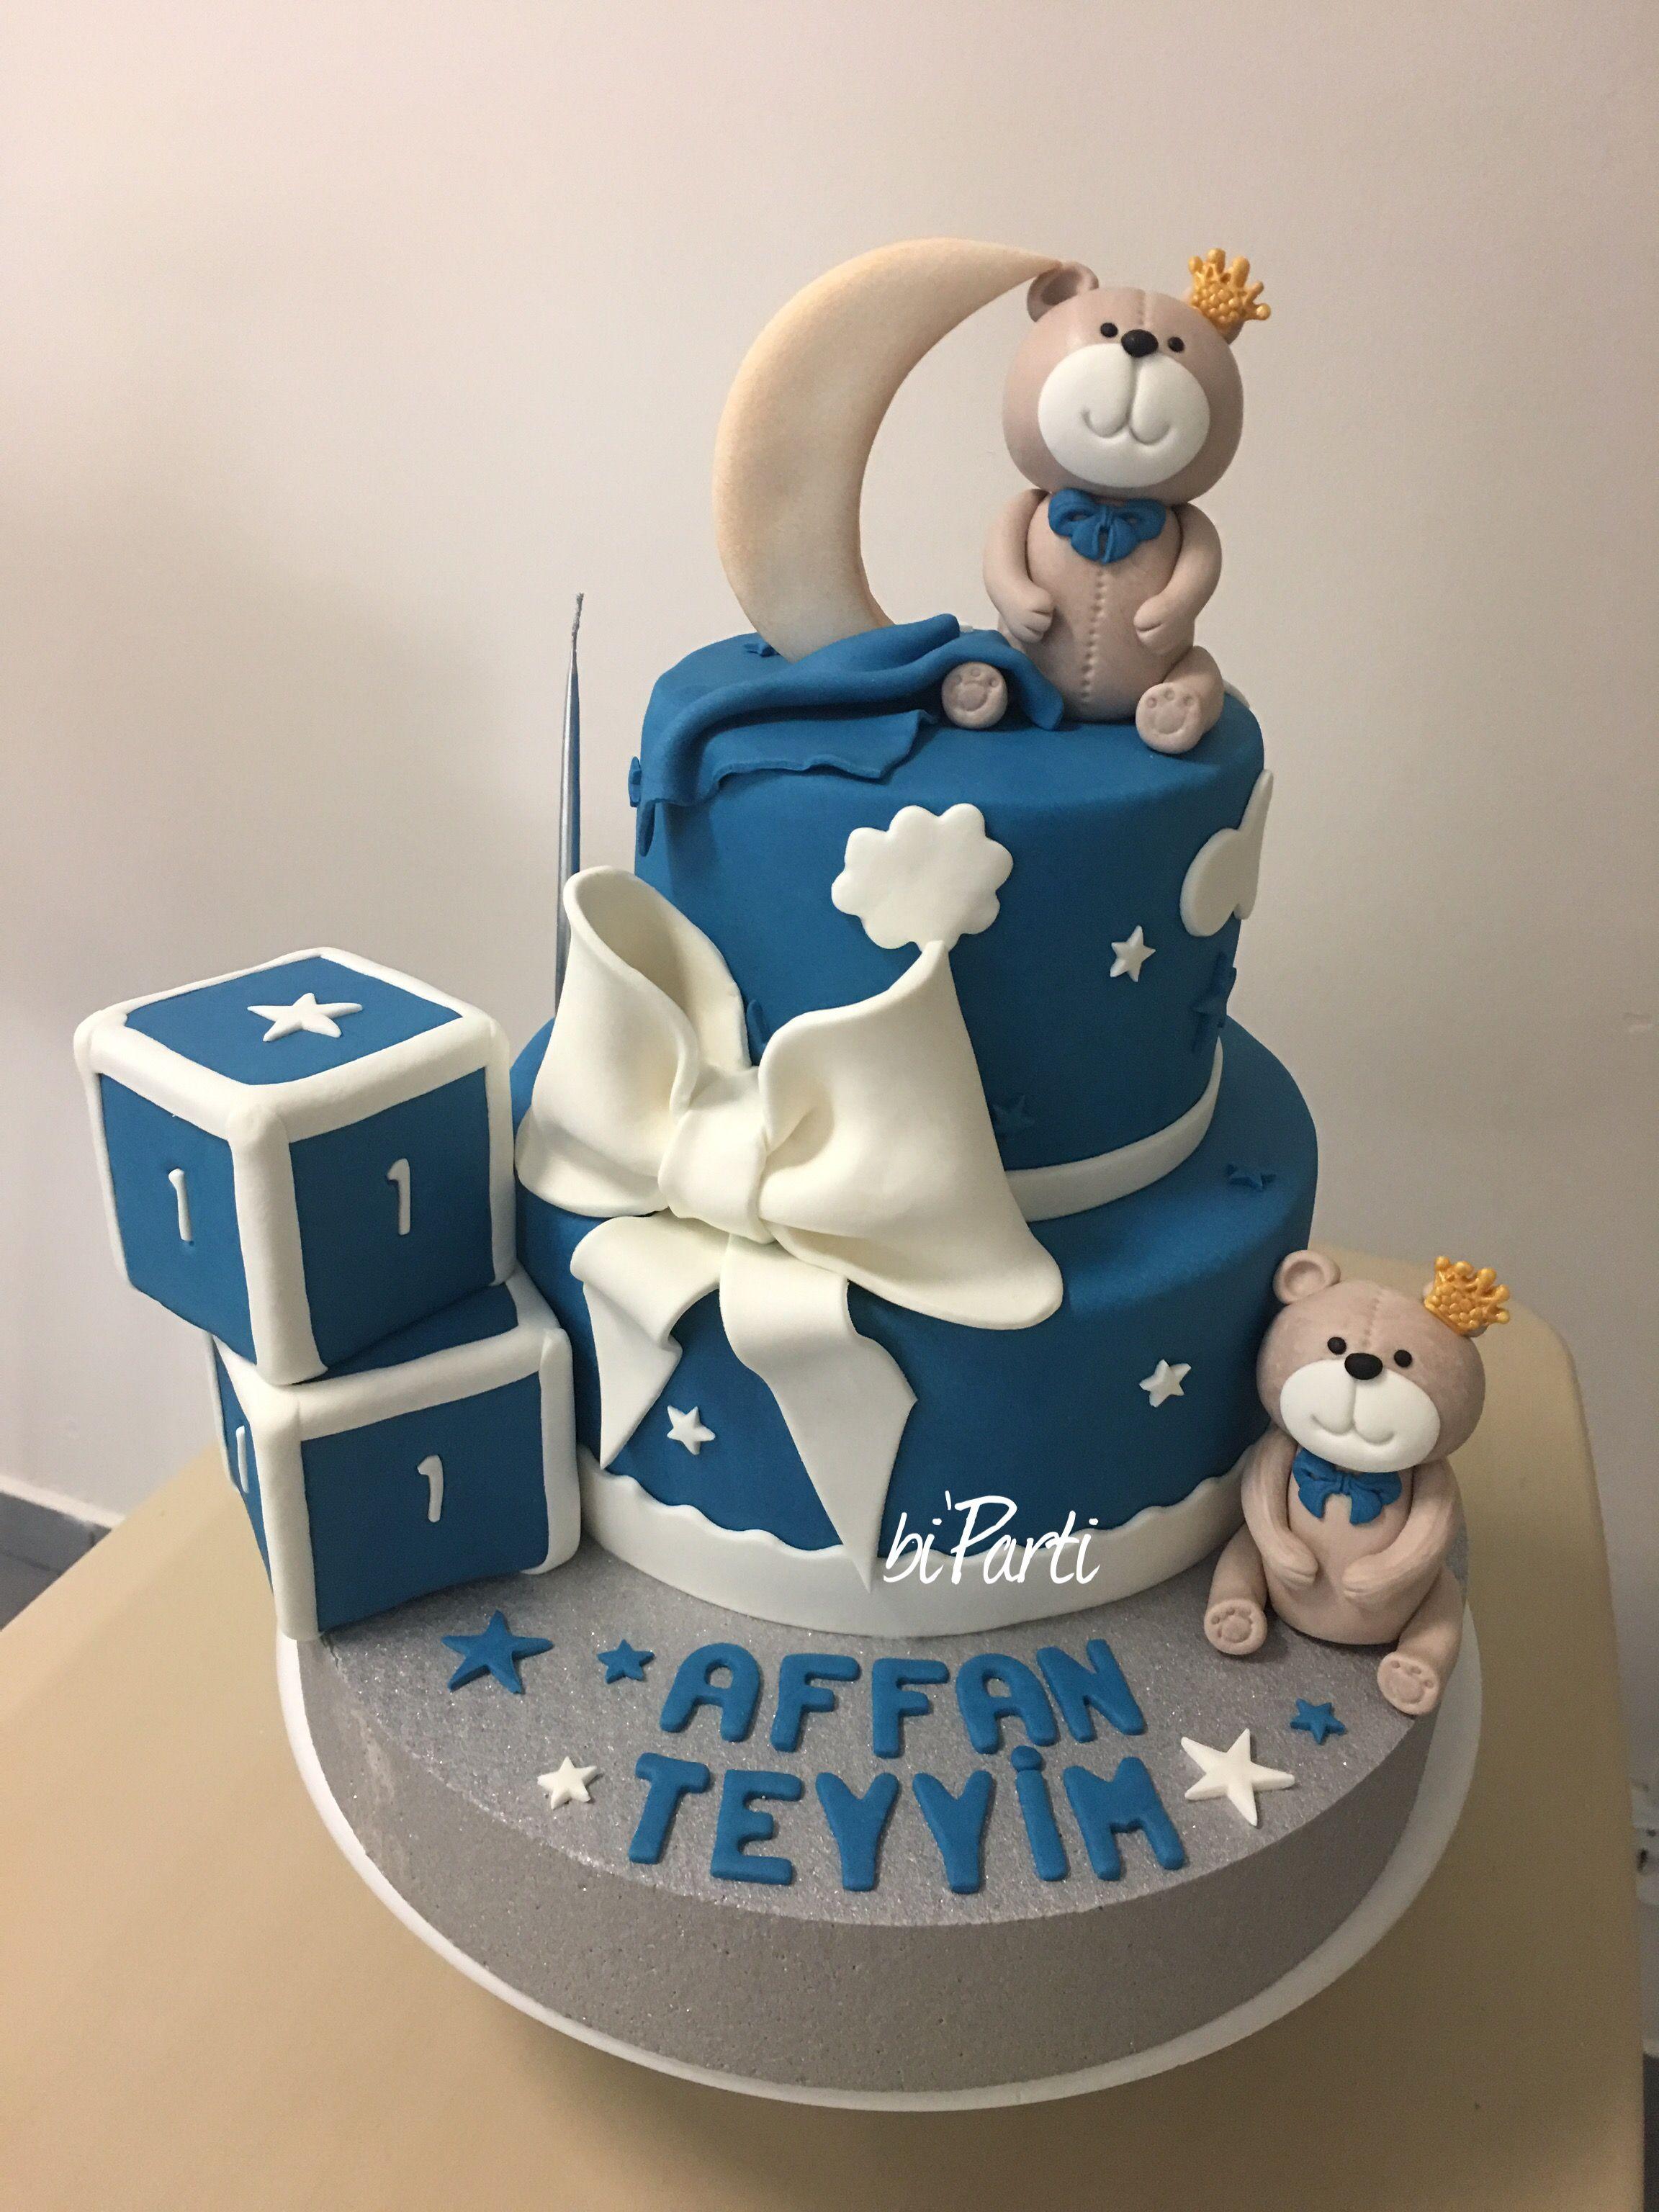 Teddy cake Teddy bear cake Teddy party Teddy bear party ideas